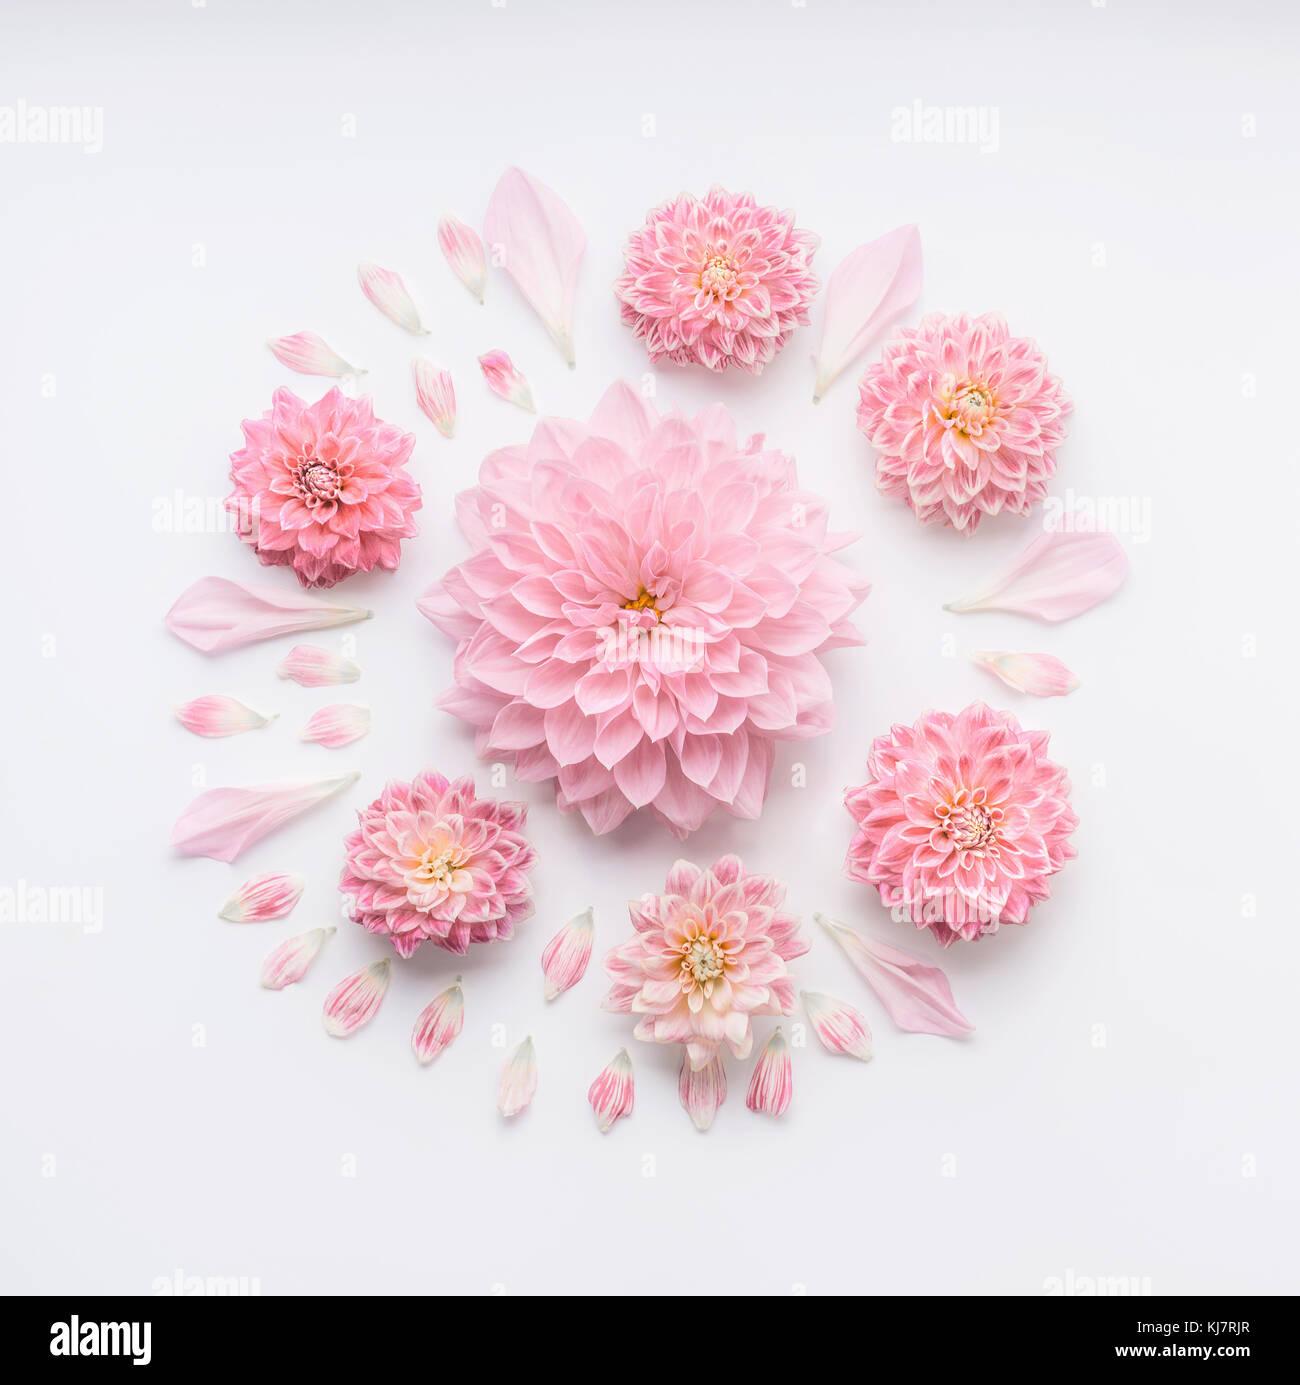 Round Rosa Pallido Composizione Di Fiori Con Petali Di Colore Bianco